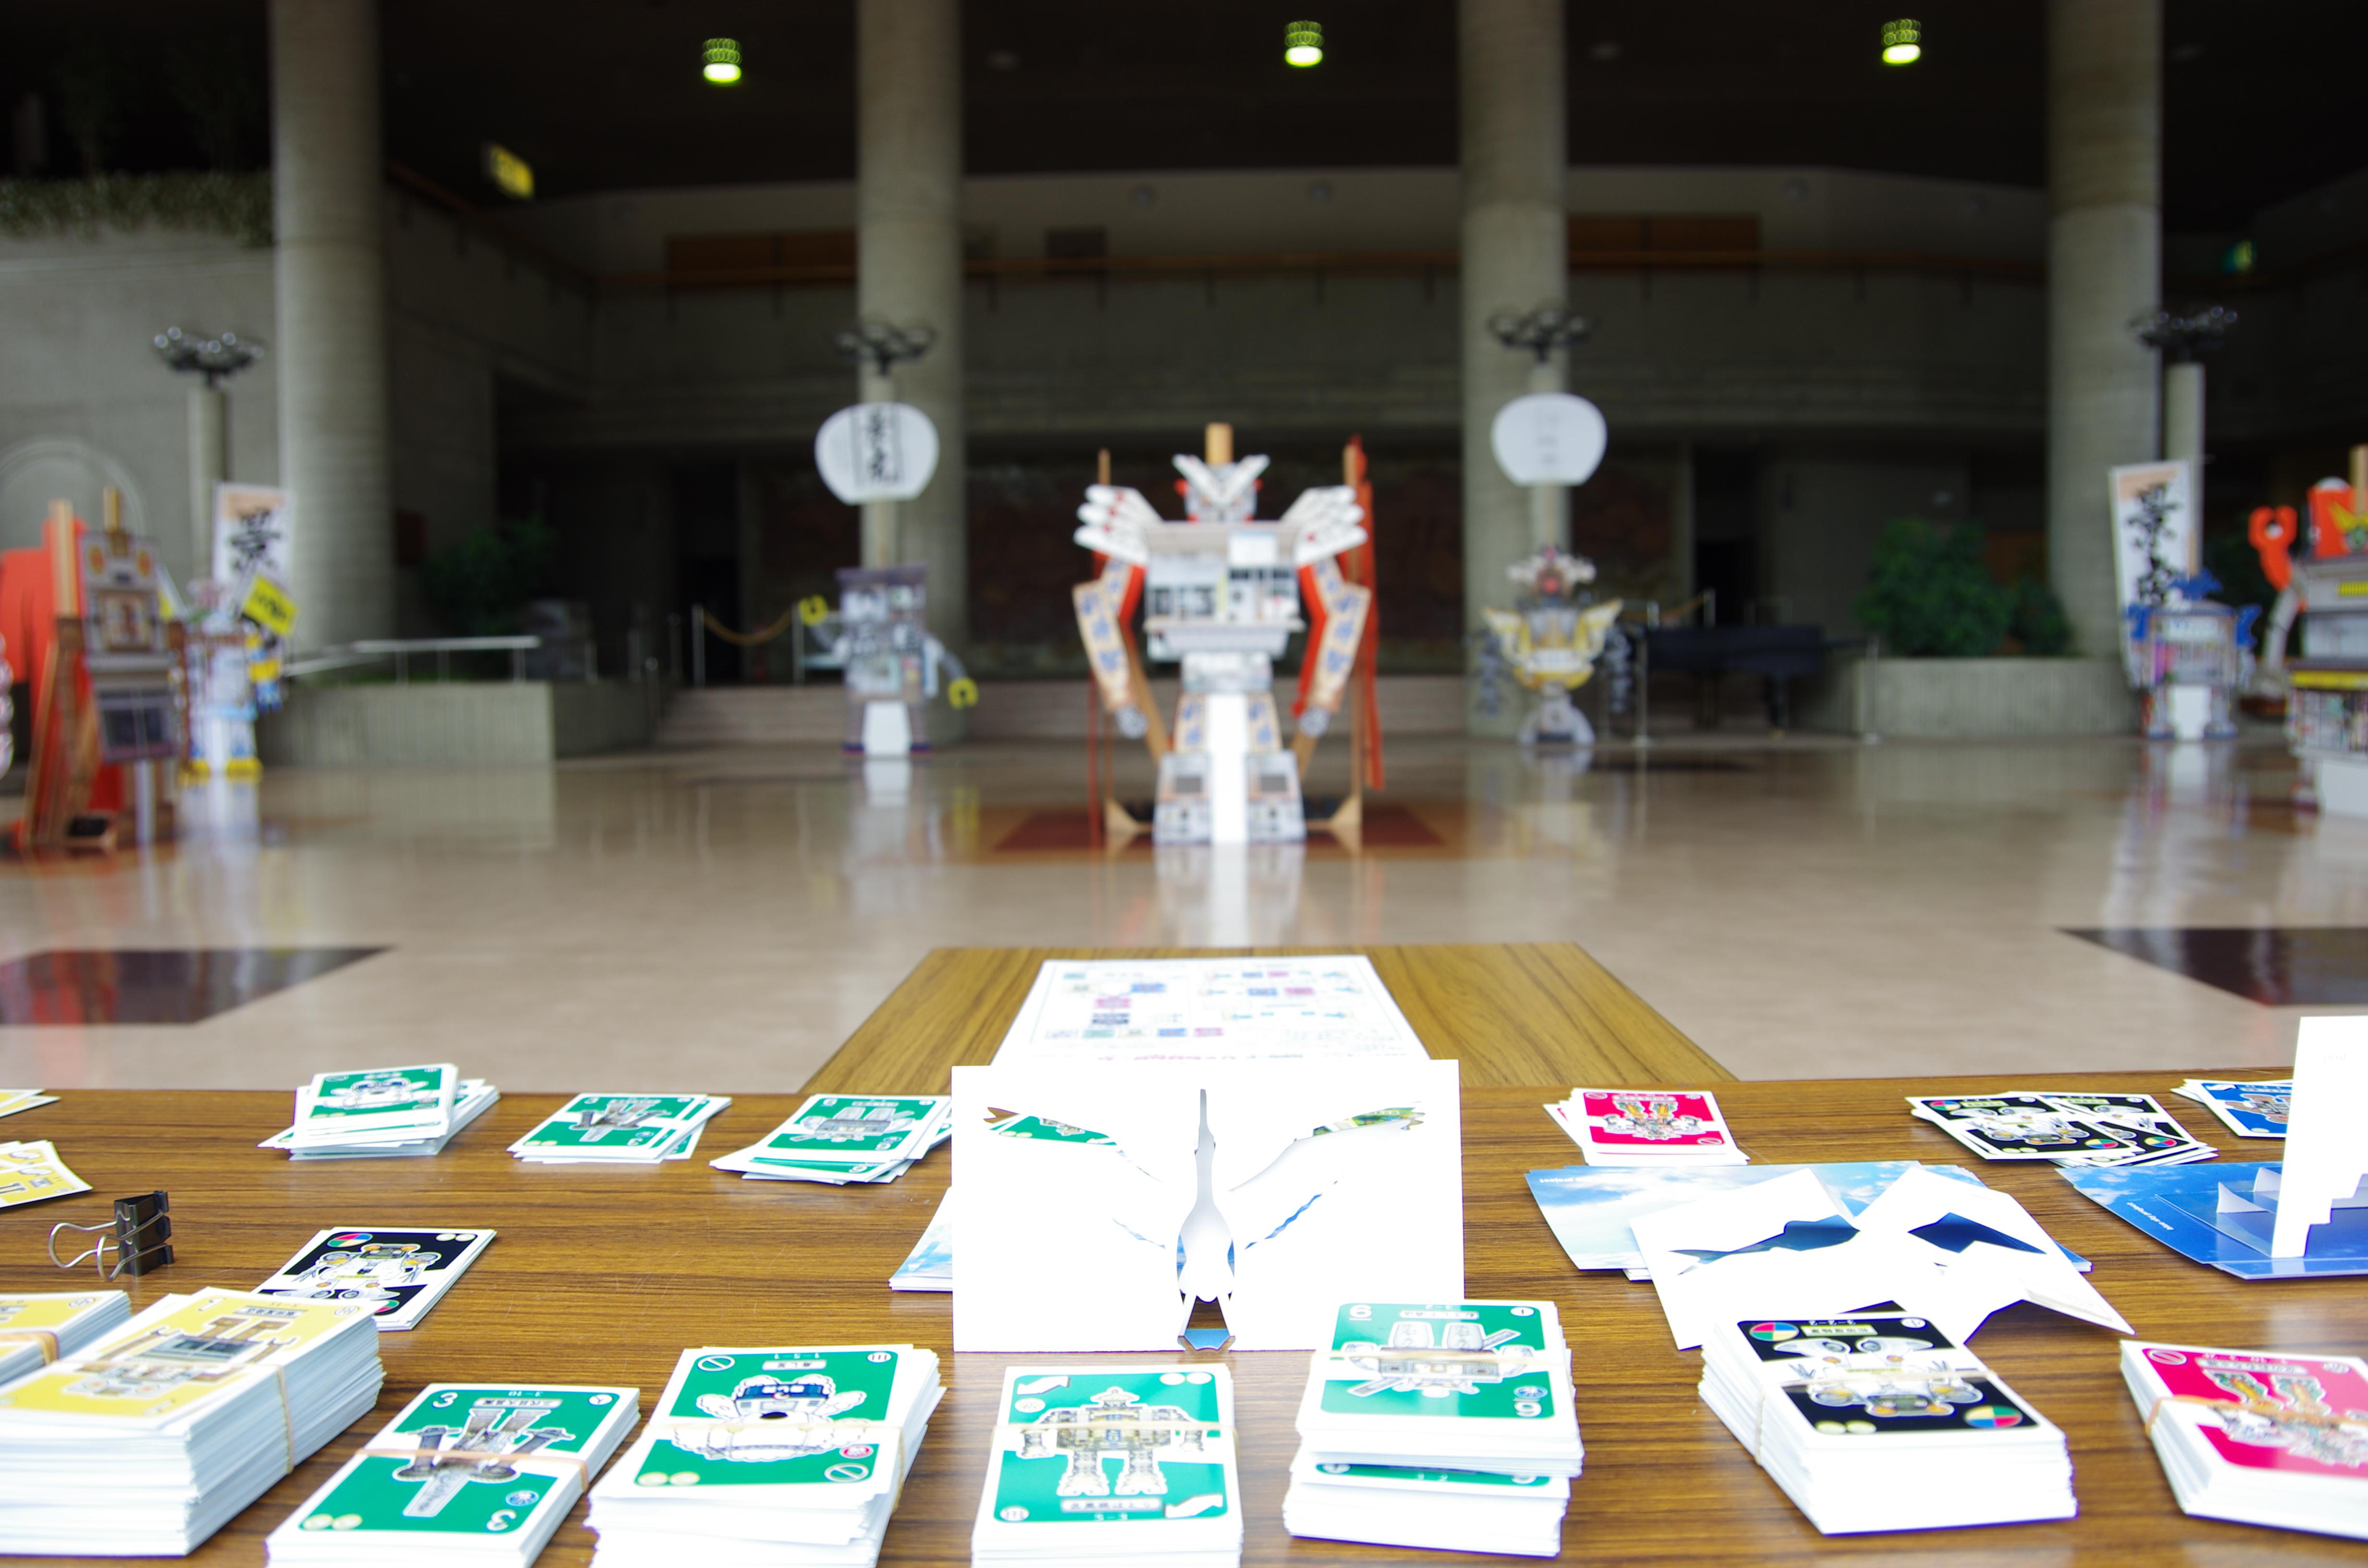 0908_ロボット看板大集合! (15)